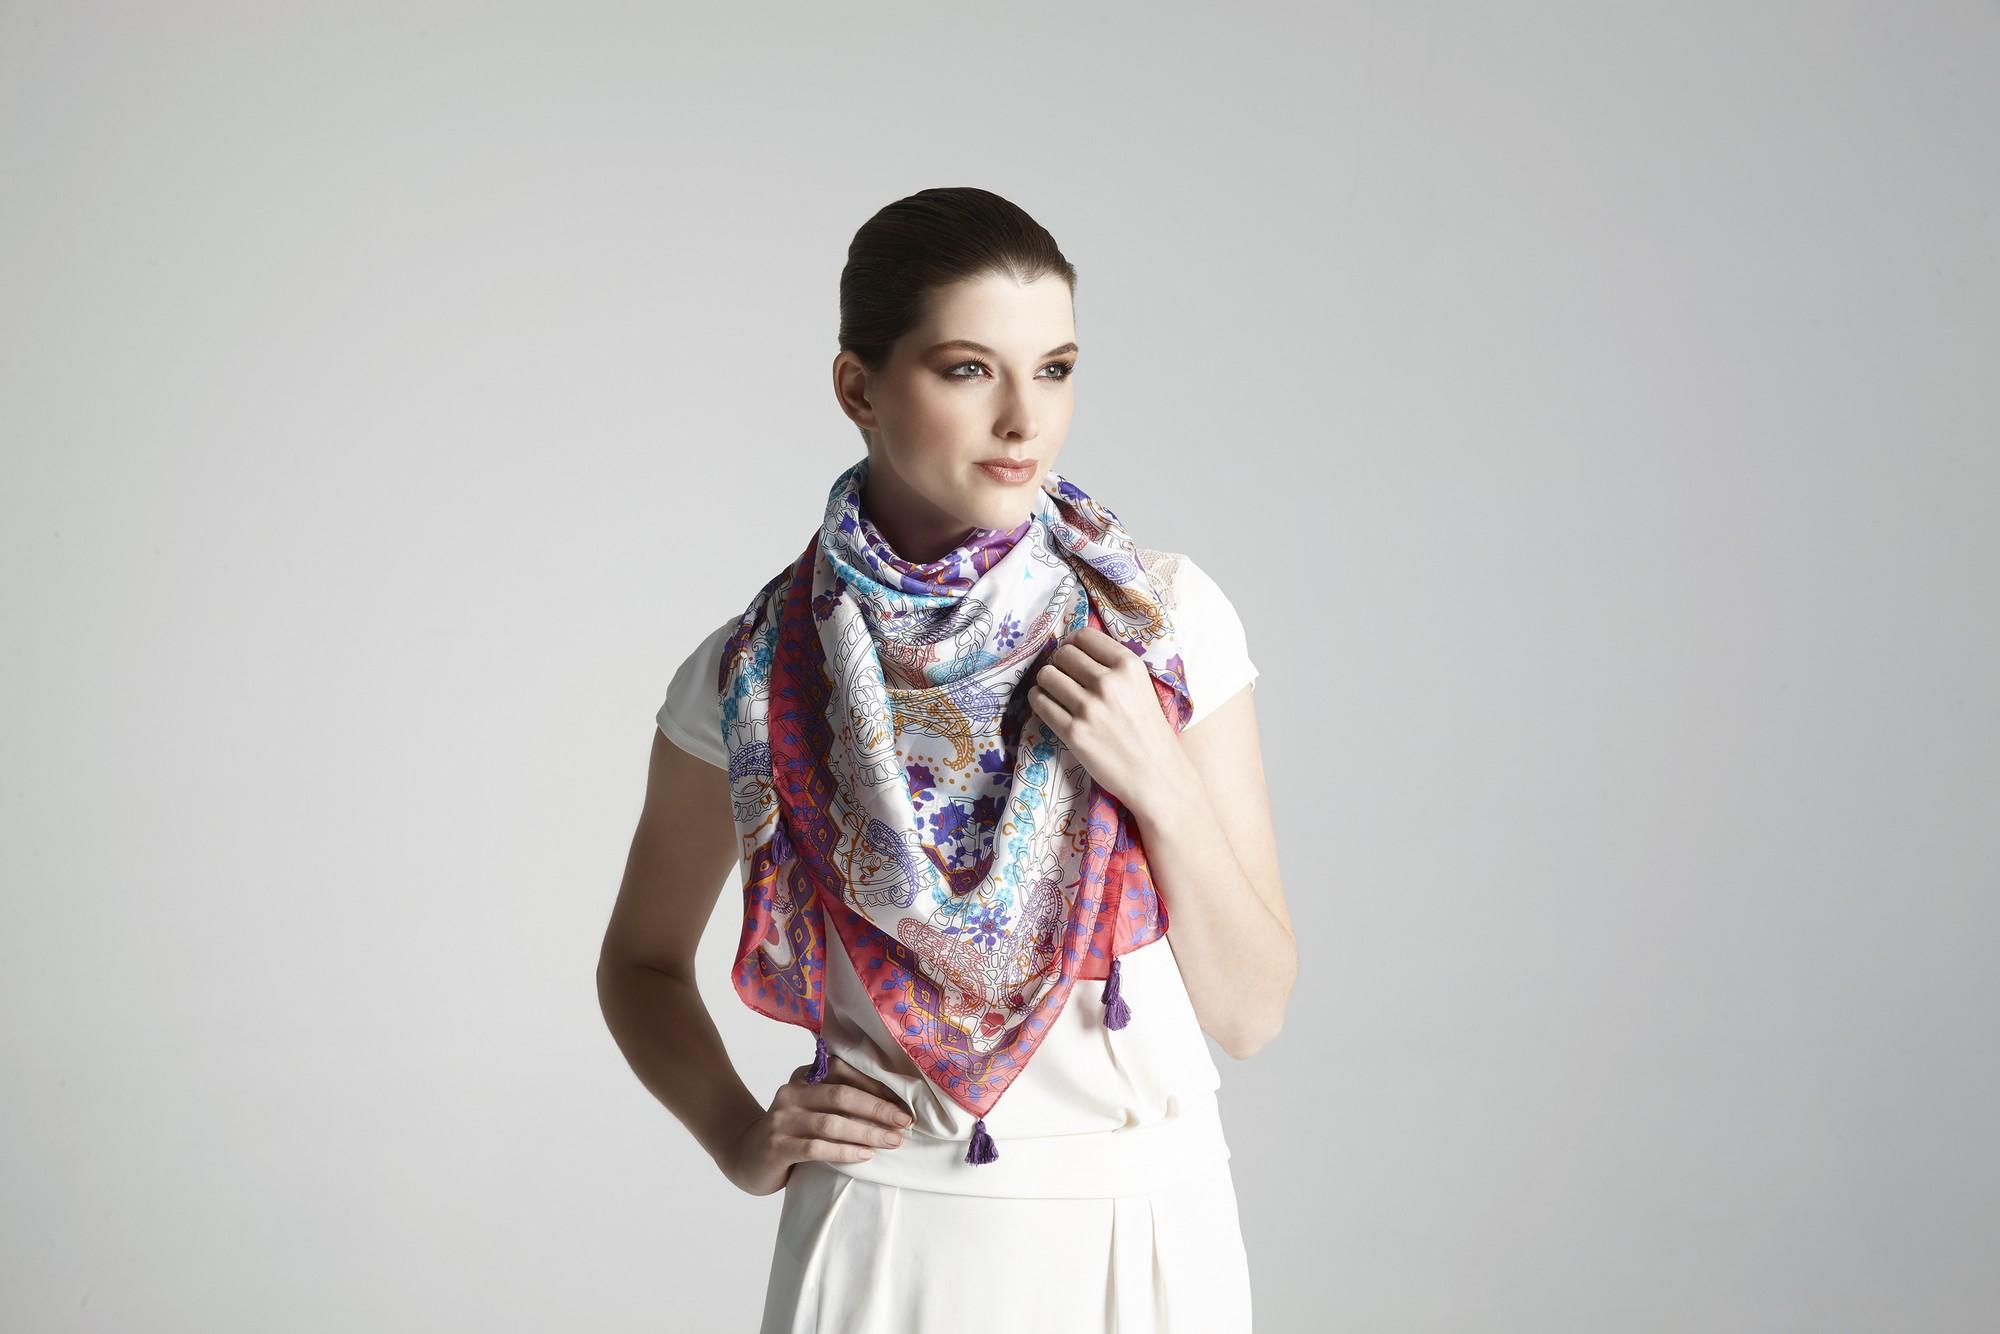 Promeco sjaals met model 23-01-150218